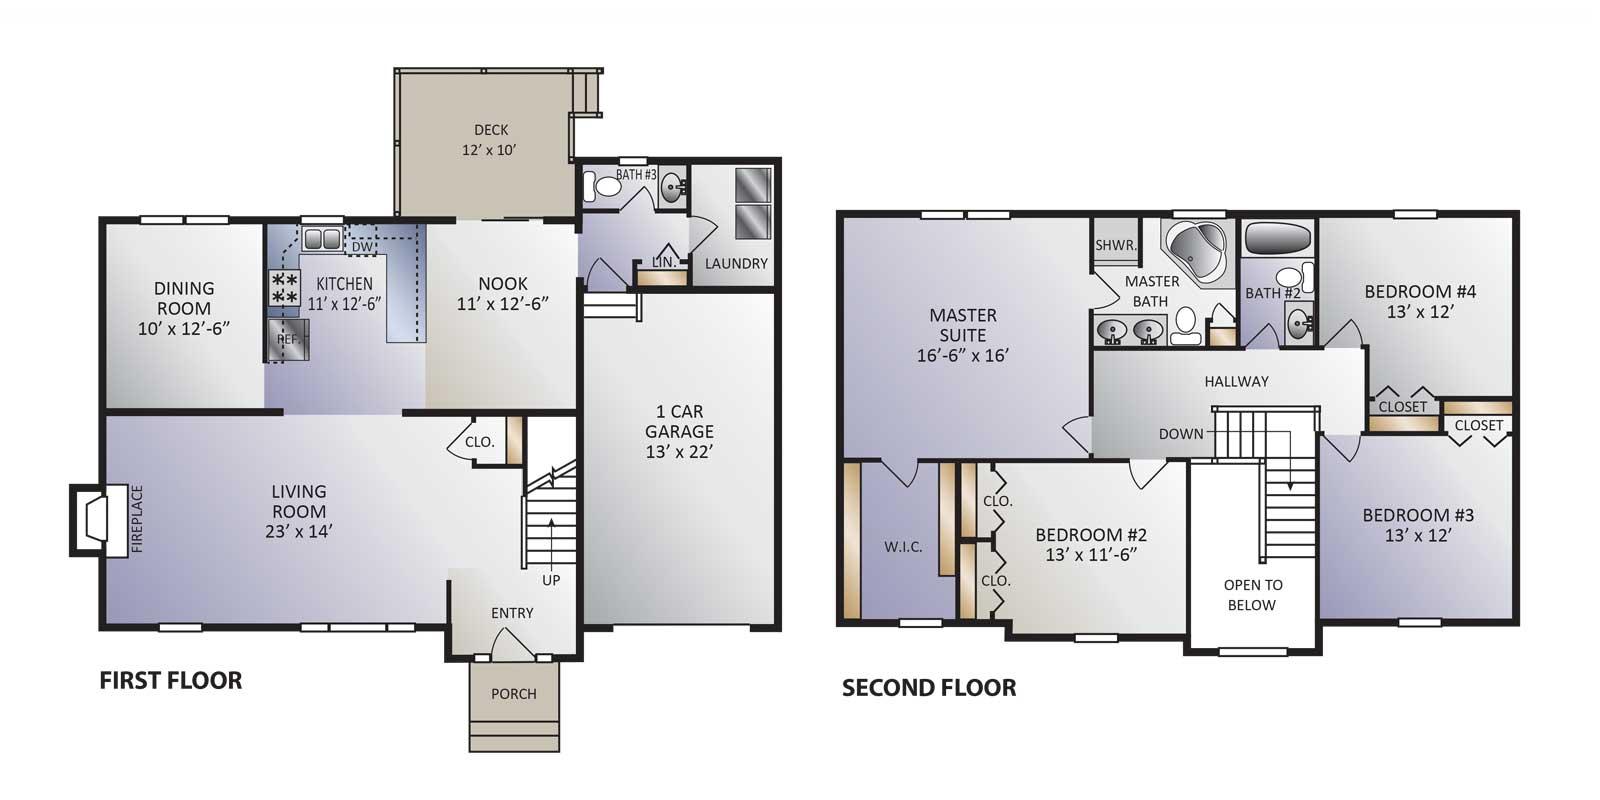 Roxbury Model Floor Plan